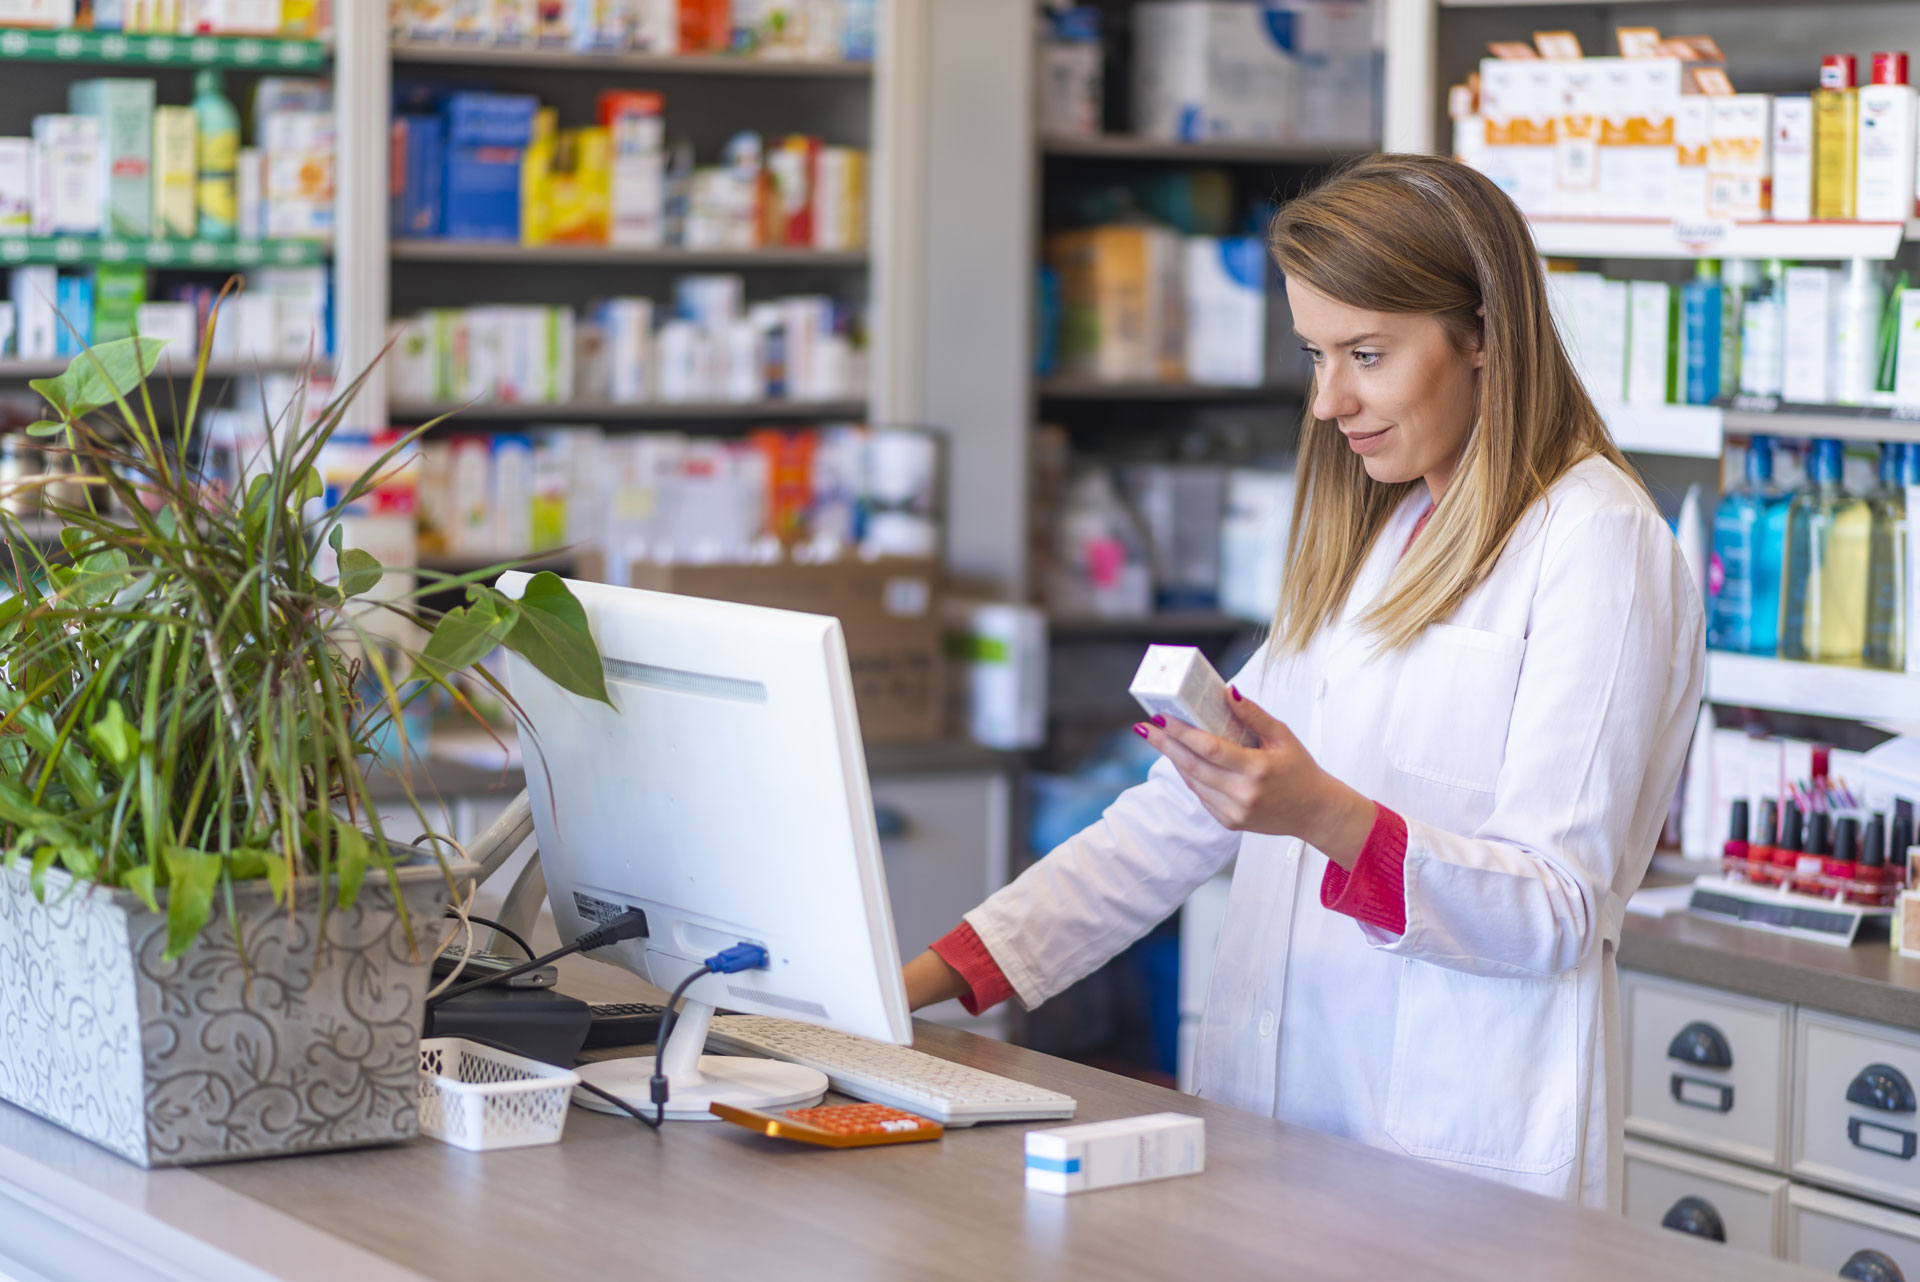 Le logiciel TraceMed appliqué dans une pharmacie constitue un outil simple et intuitif pour une vérification du statut et de l'annulation de l'enregistrement auprès de l'organisation BeMVO des boîtes de medicines.